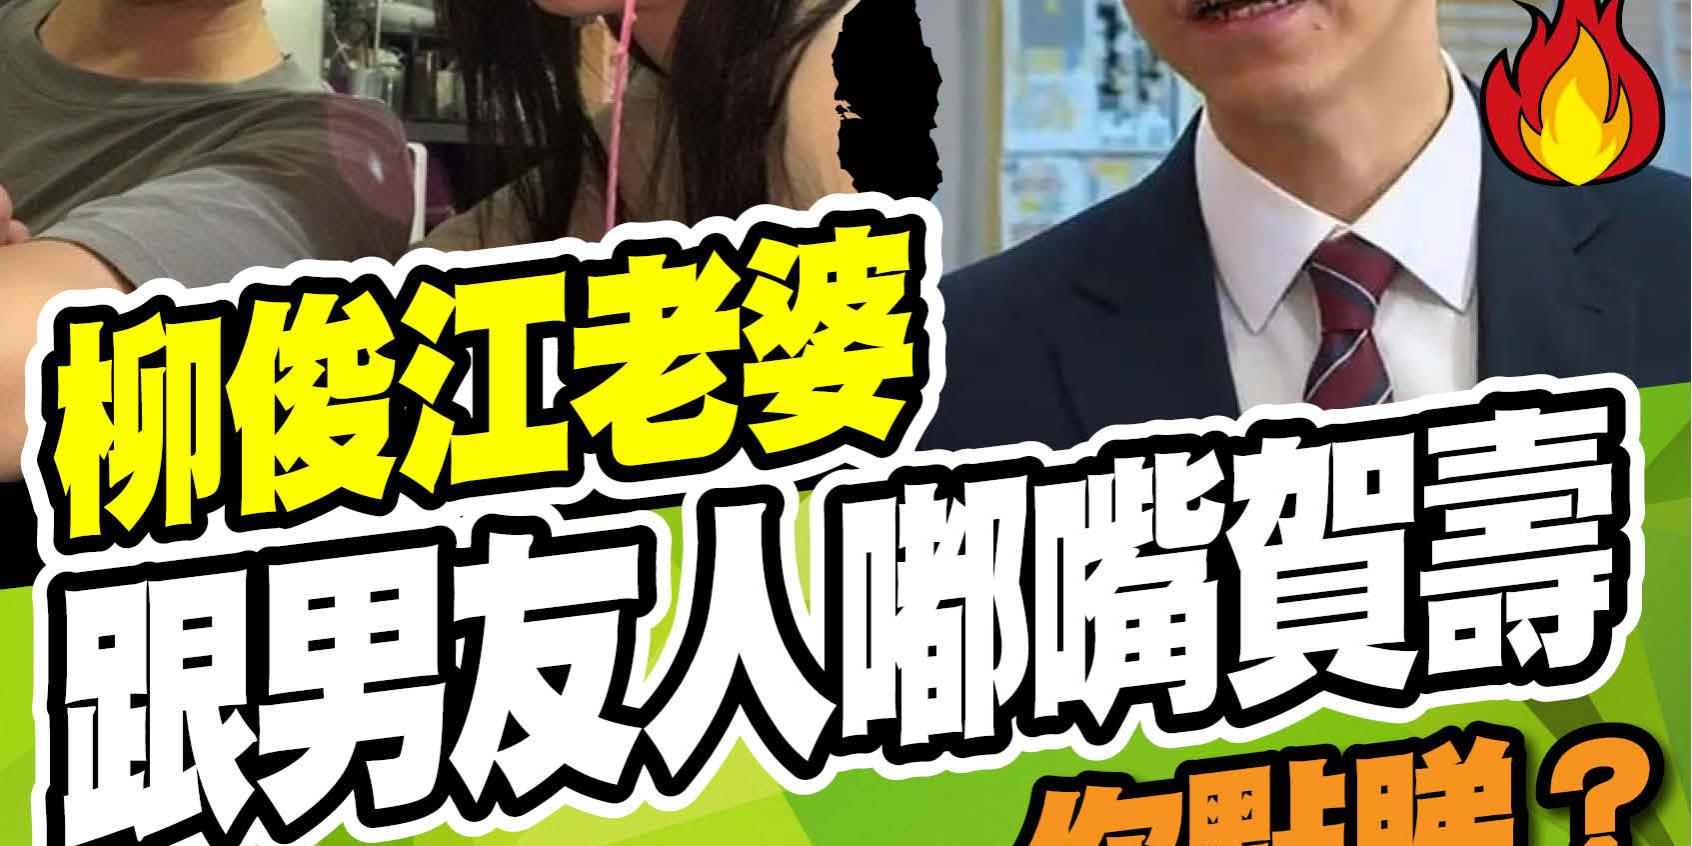 柳俊江老婆跟男友人嘟嘴賀壽 你點睇?